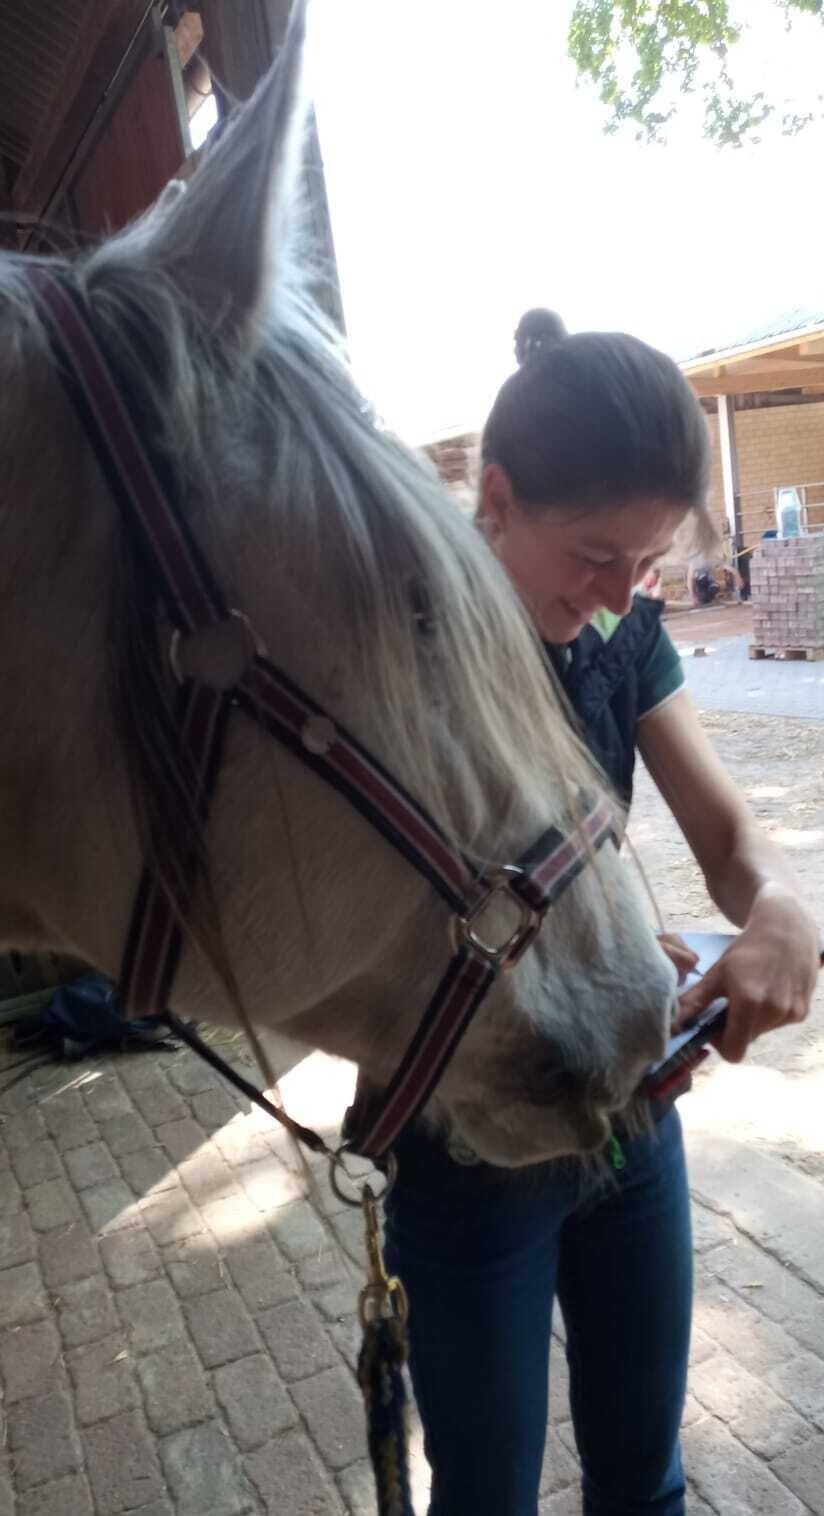 lesendes Pferd, Bild: Anima Wolf